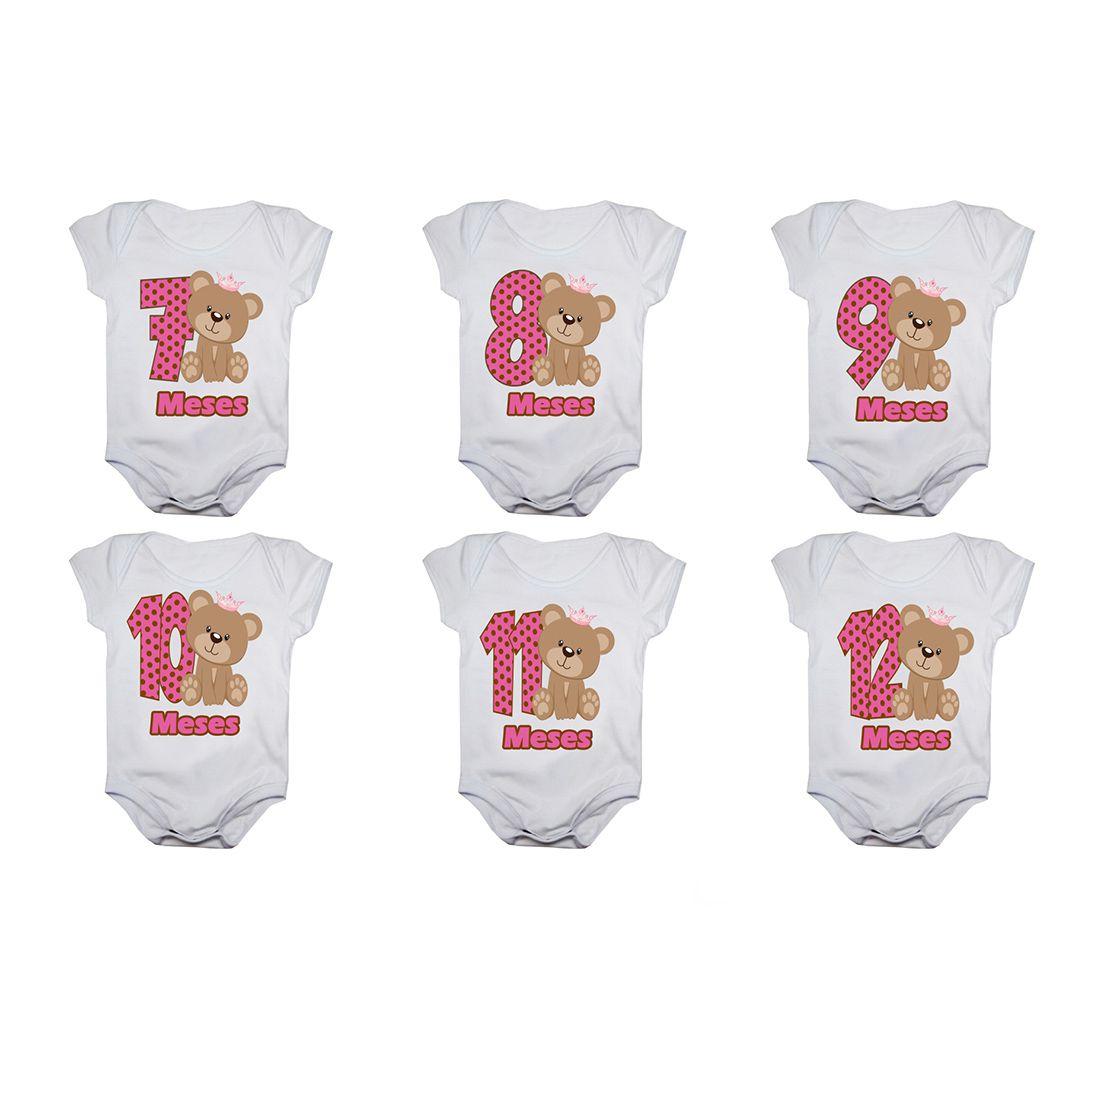 Kit body bebê mesversario manga curta ursinha com coroa 12 bodies 1 a 12 meses